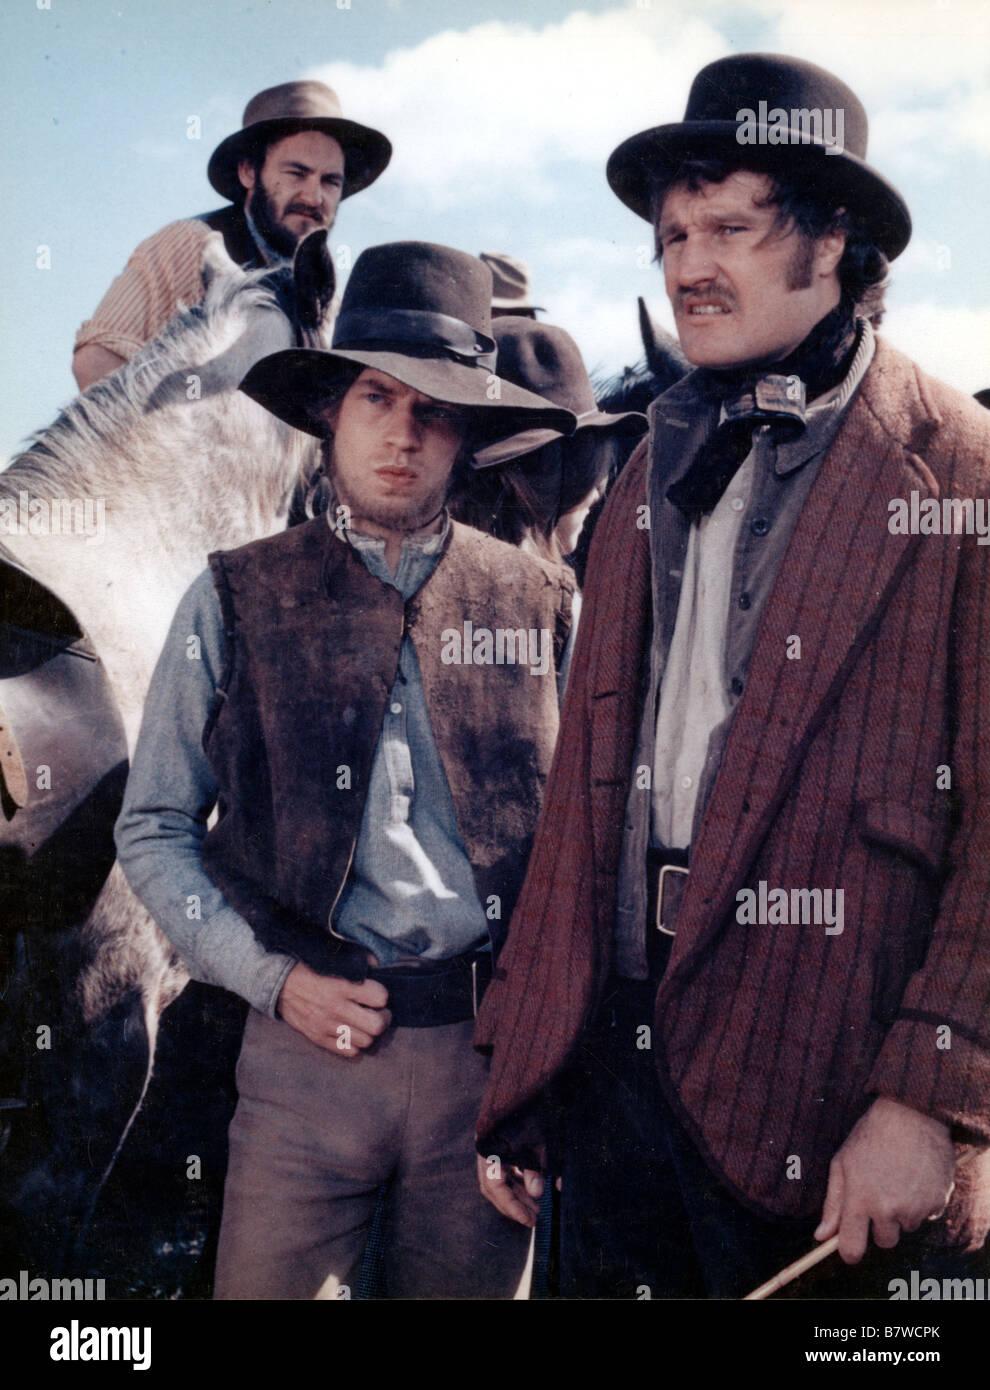 Ned Kelly Ned Kelly  Year: 1970 - uk Mick Jagger  Director : Tony Richardson - Stock Image